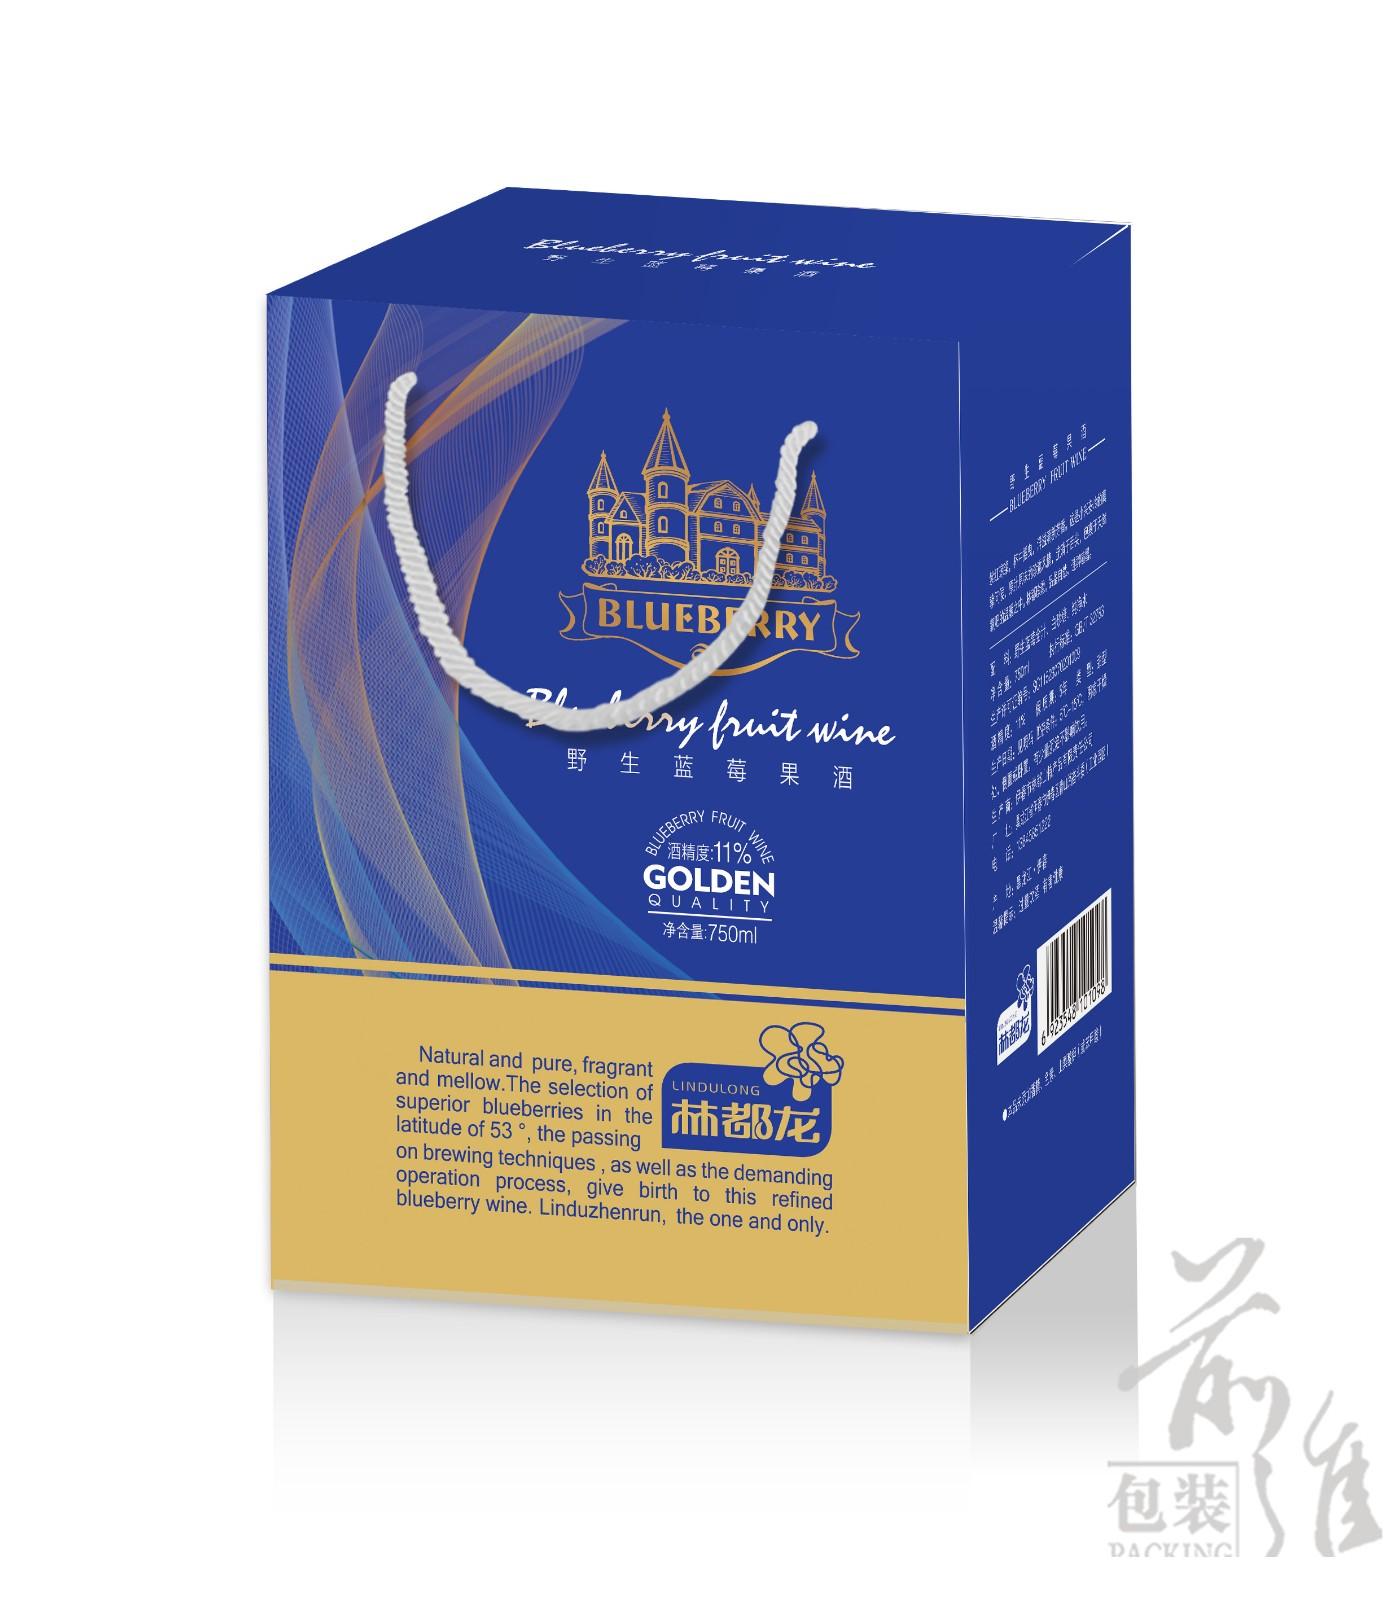 藍莓果酒包裝箱